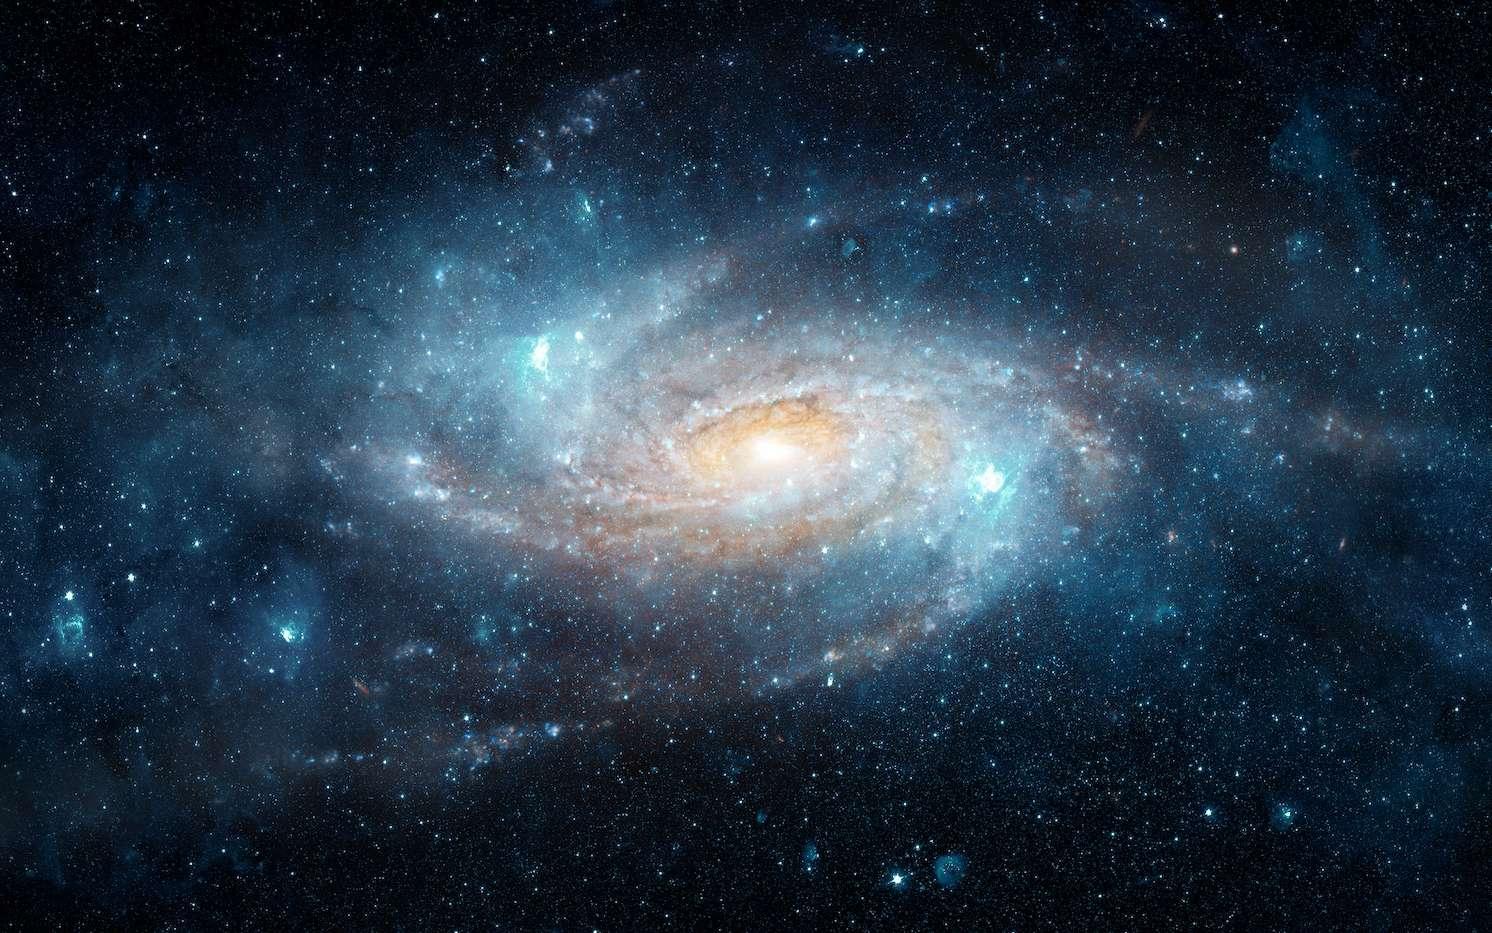 Une intrigante structure filamenteuse découverte aux confins de la Voie lactée